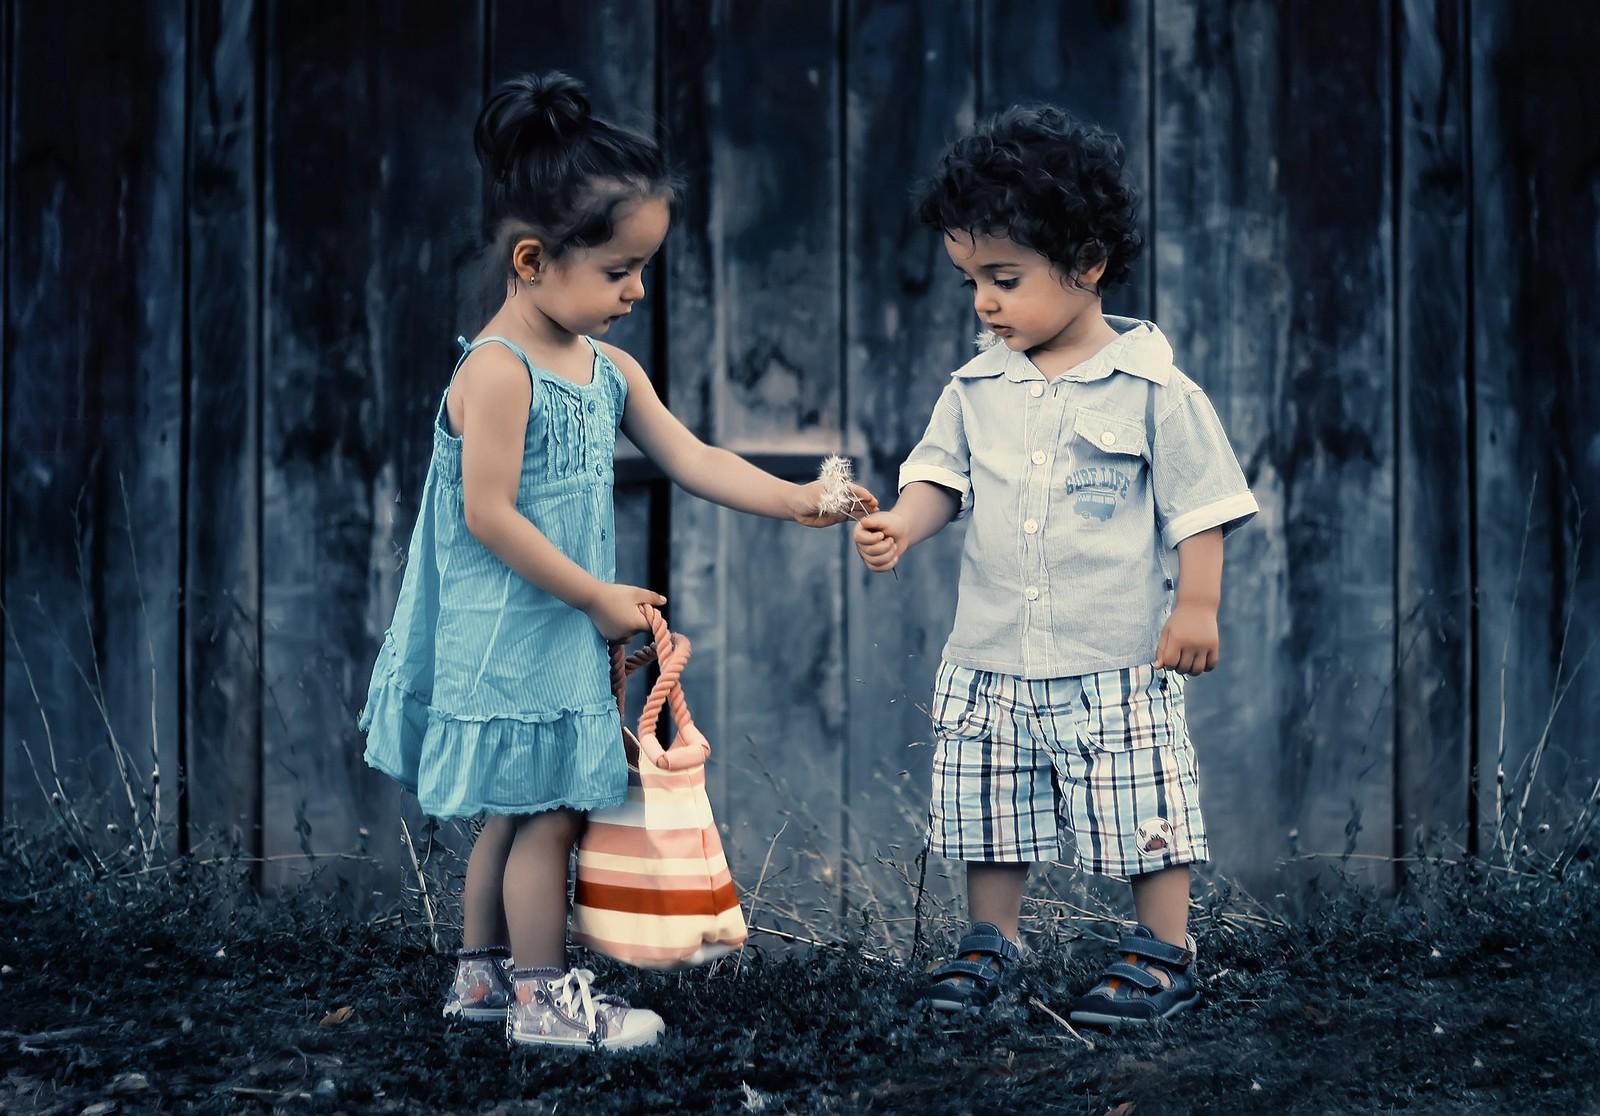 พลังแห่งความรักและการเห็นความหมายที่ดีงามในชีวิต